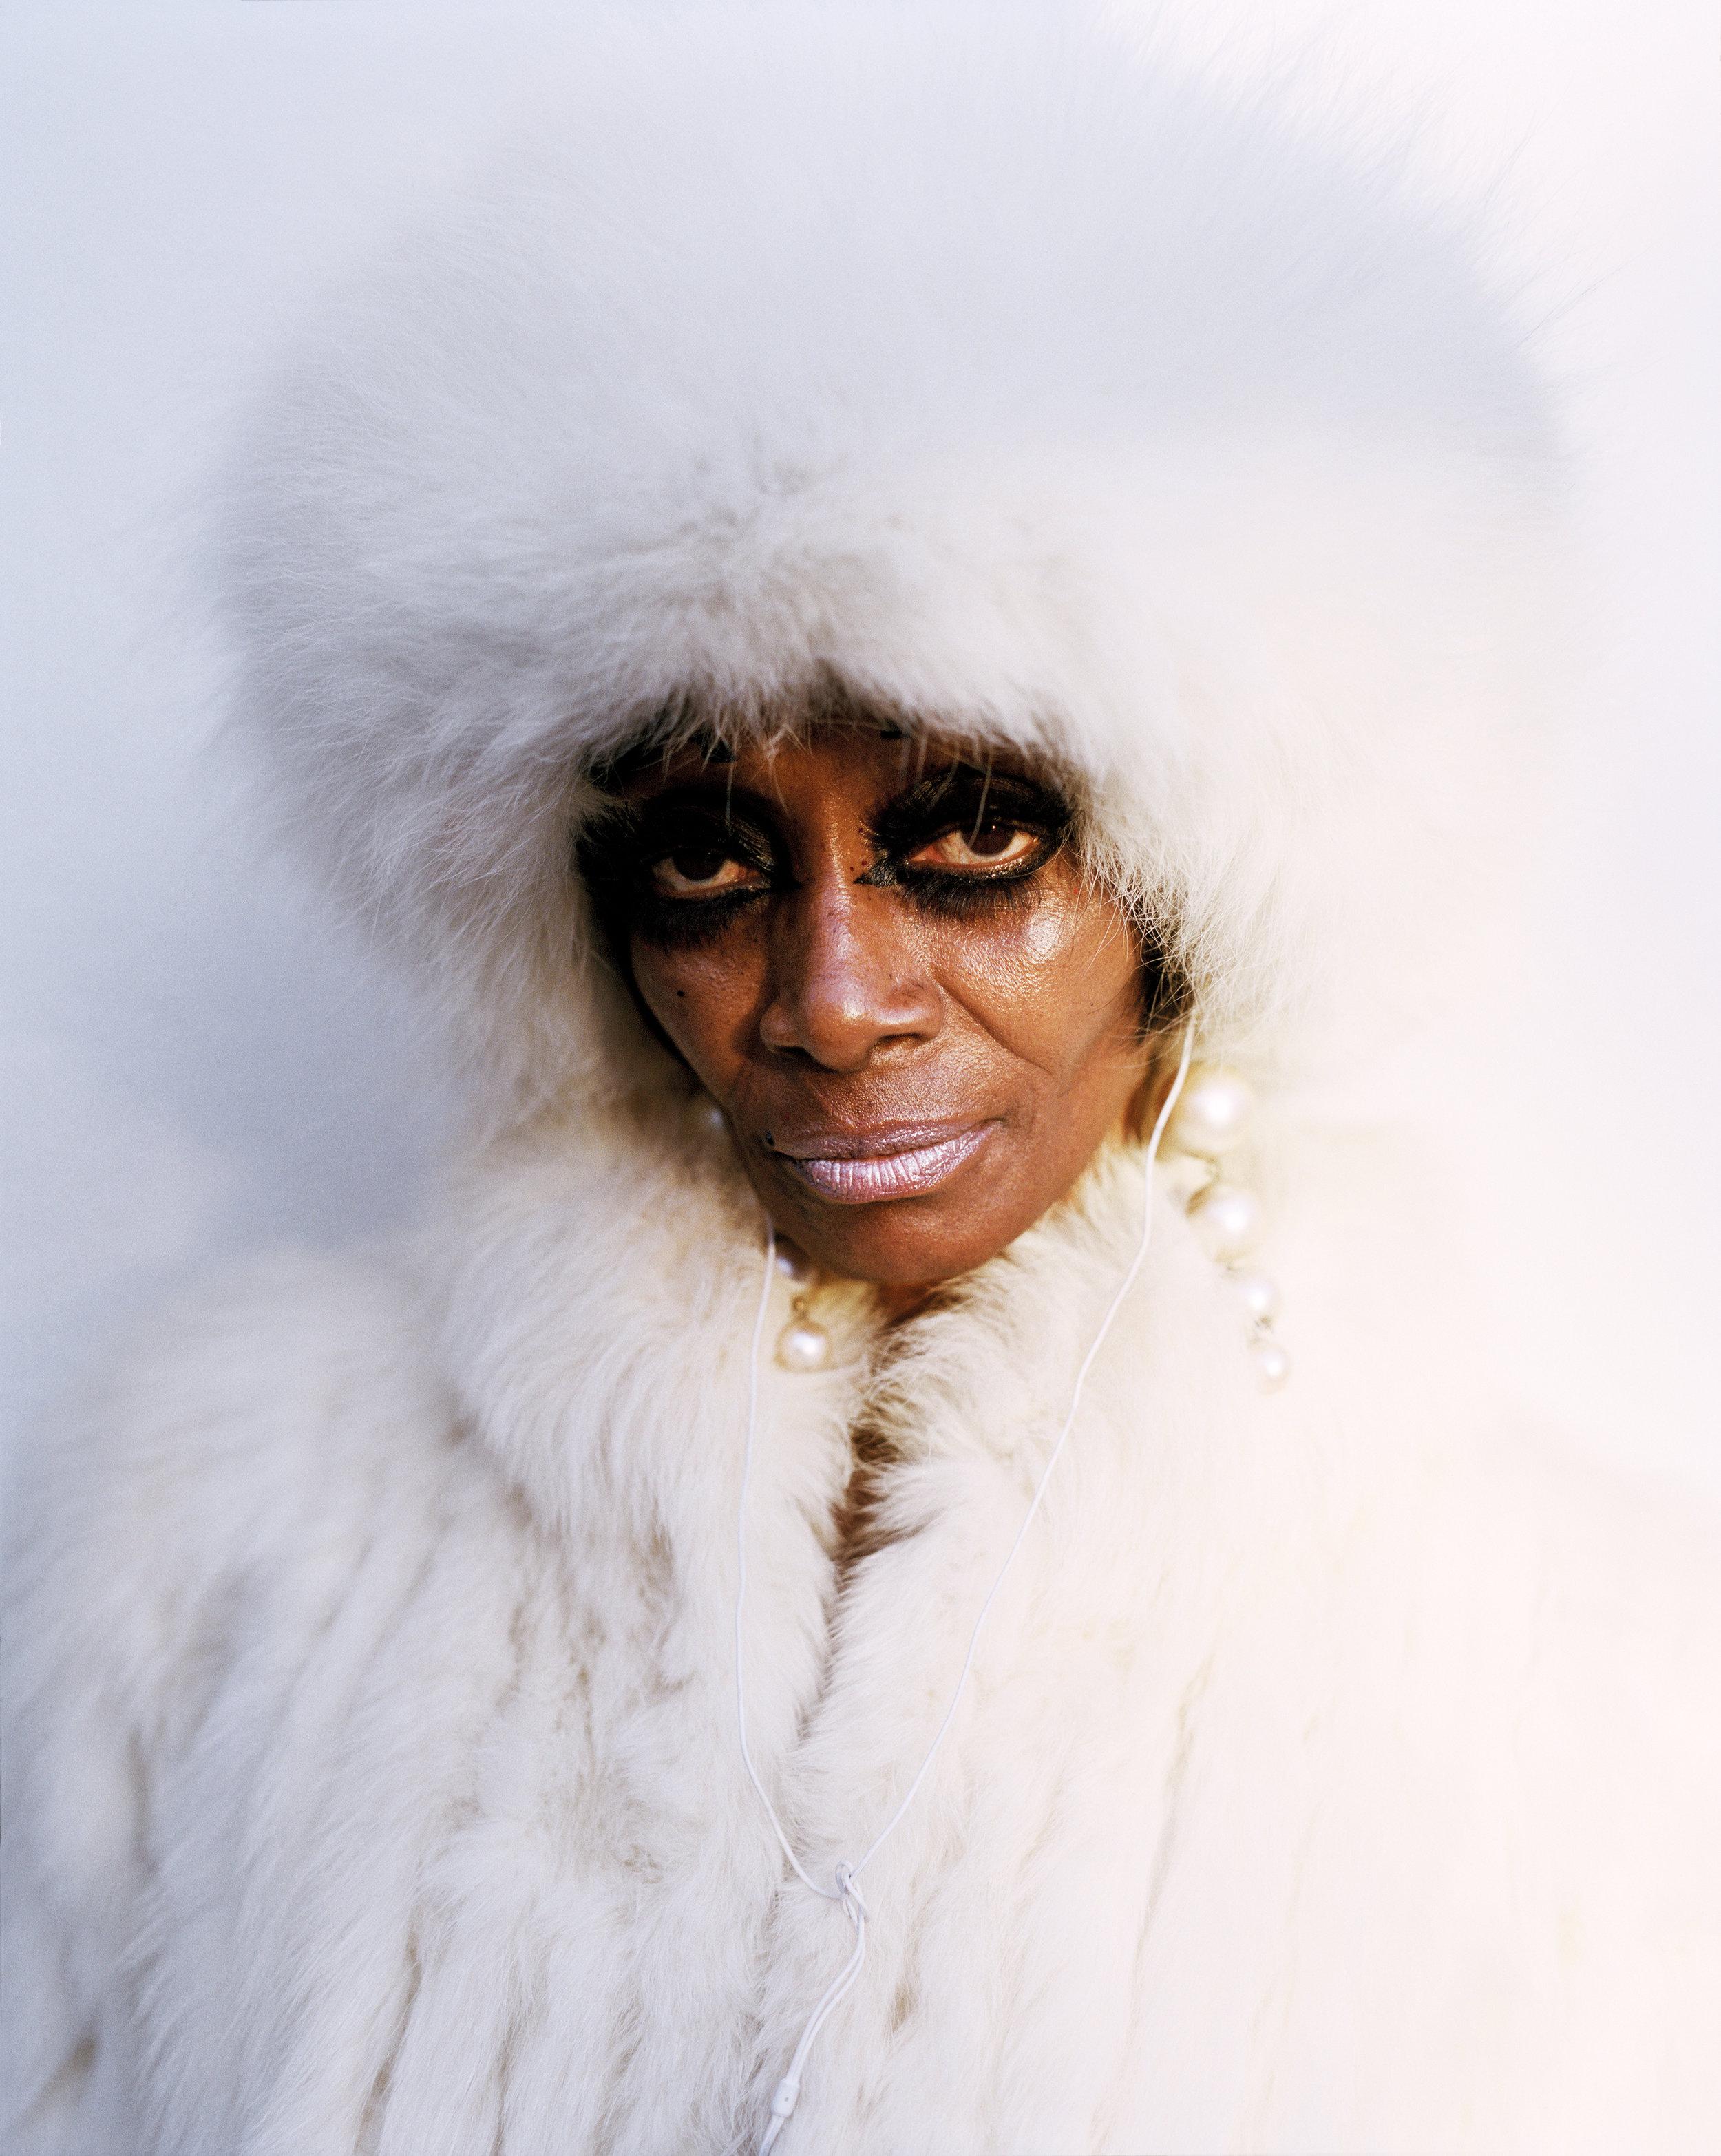 gregory halpern - Woman in White Fur_so it goes.jpg